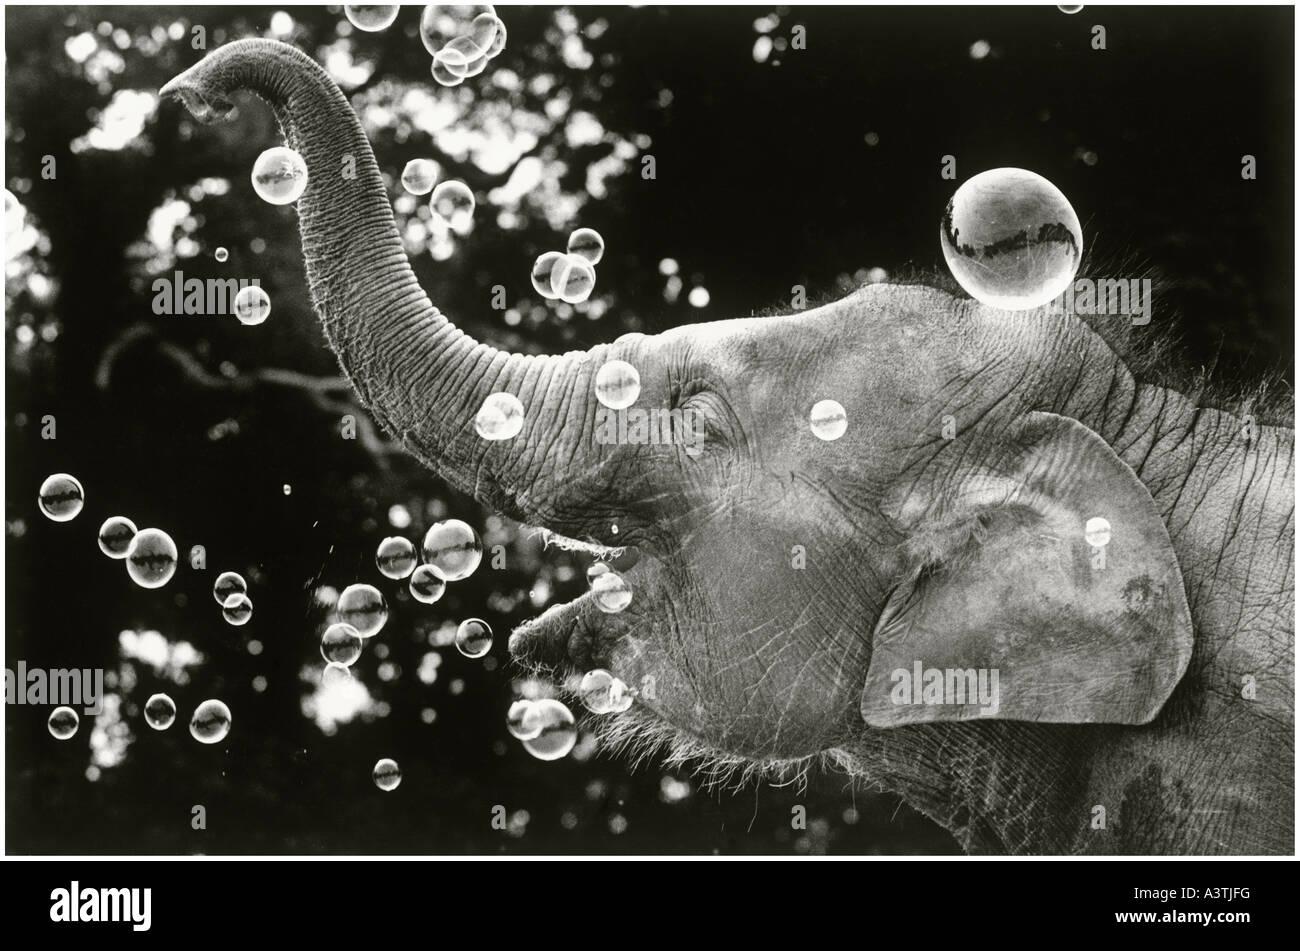 Bella das Elefantenbaby spielen mit Luftblasen. Stockbild